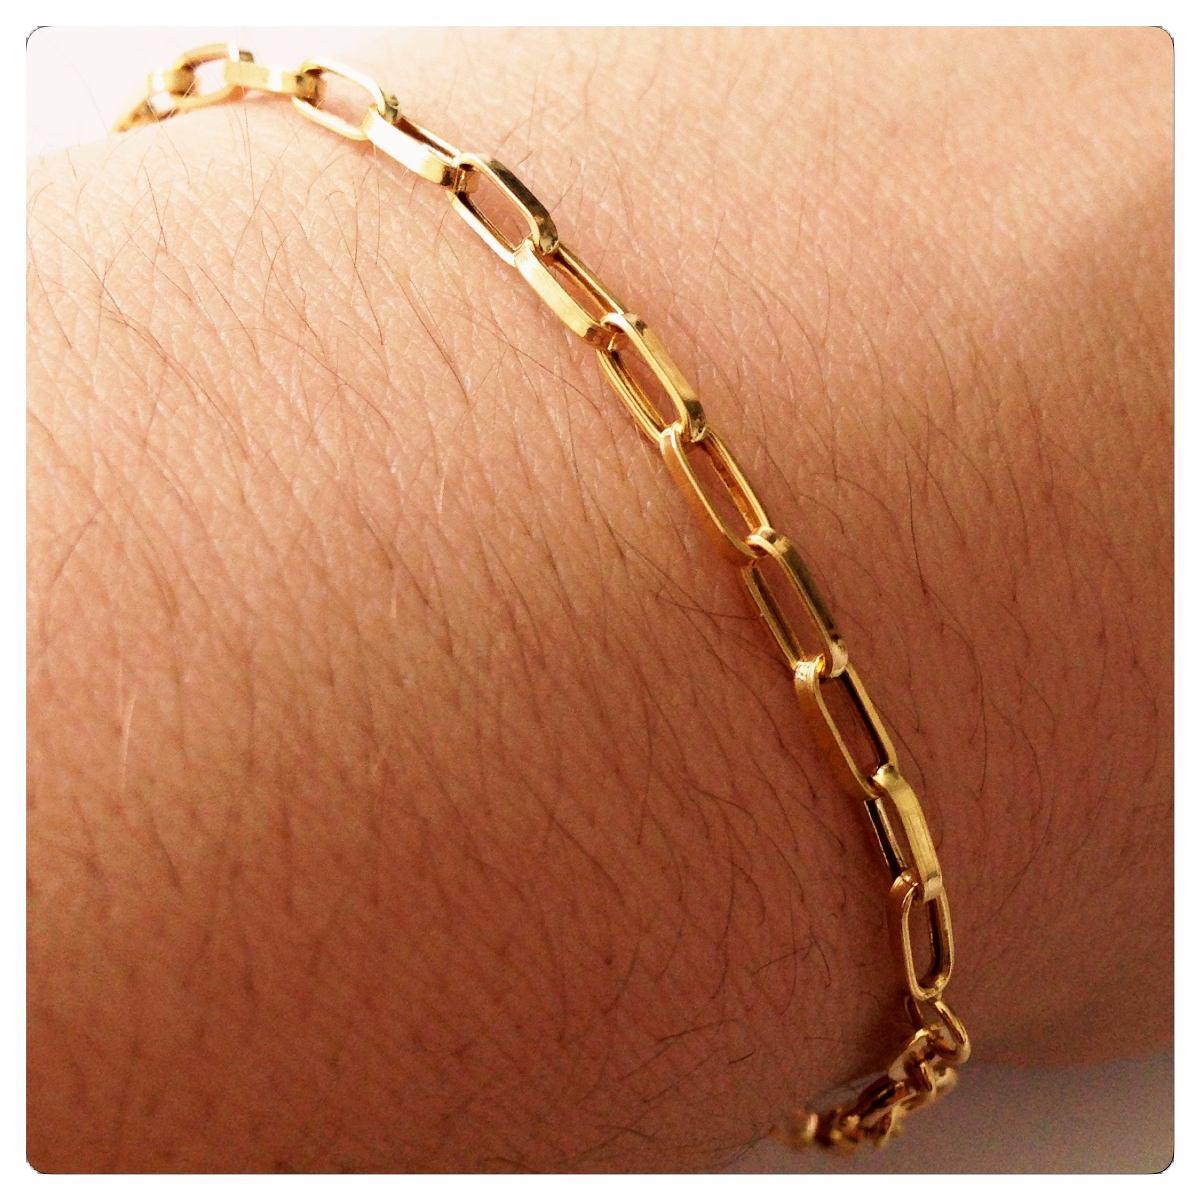 c937593c9d219 pulseira masculina de ouro 18k elos com 19 cm. Carregando zoom.